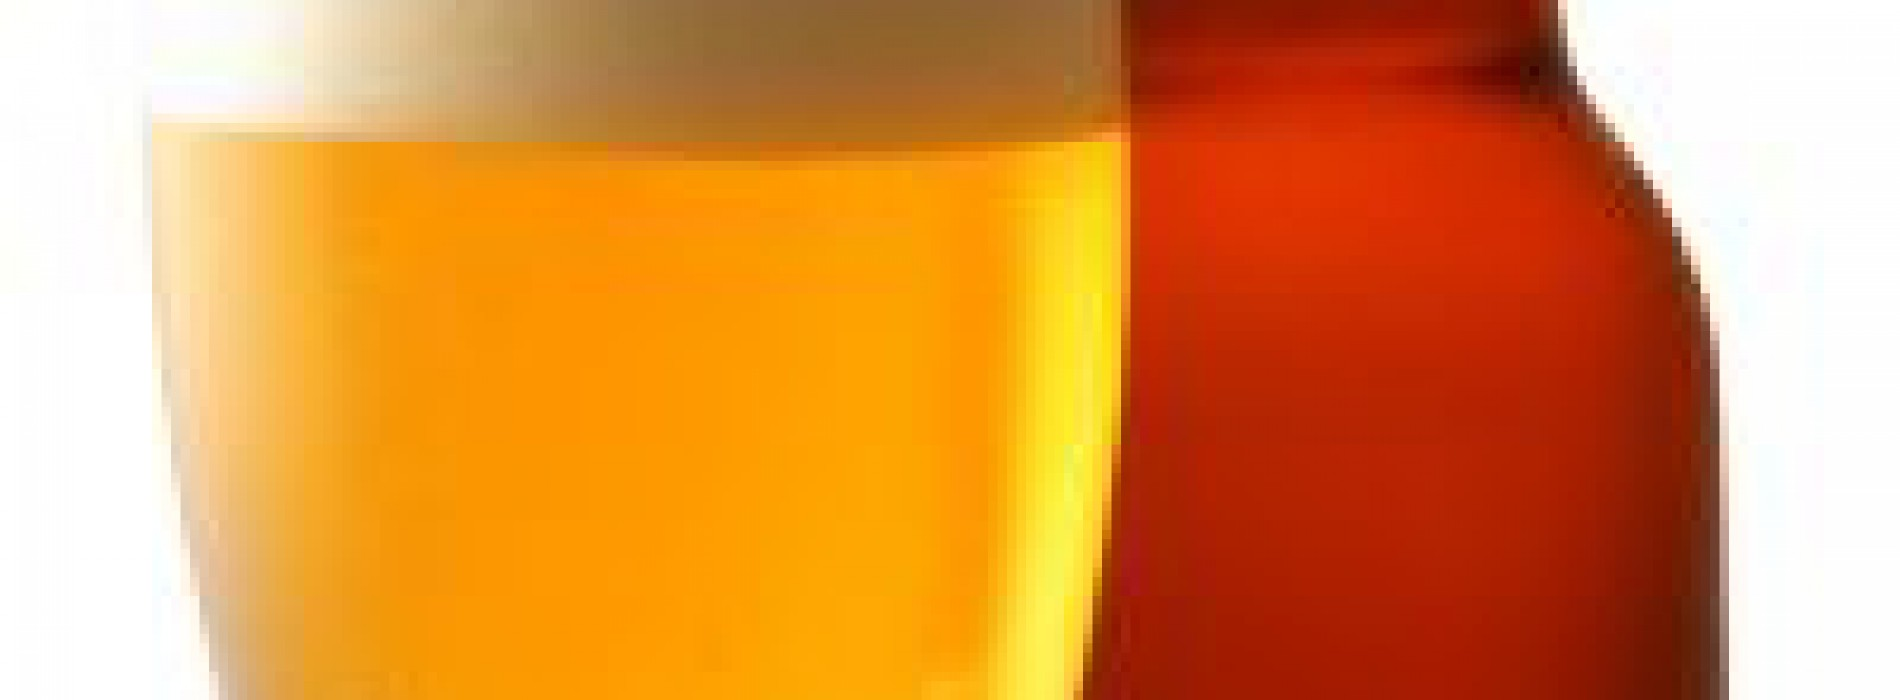 Od dziś w Olsztynie obowiązuje zakaz sprzedaży alkoholu w nocy